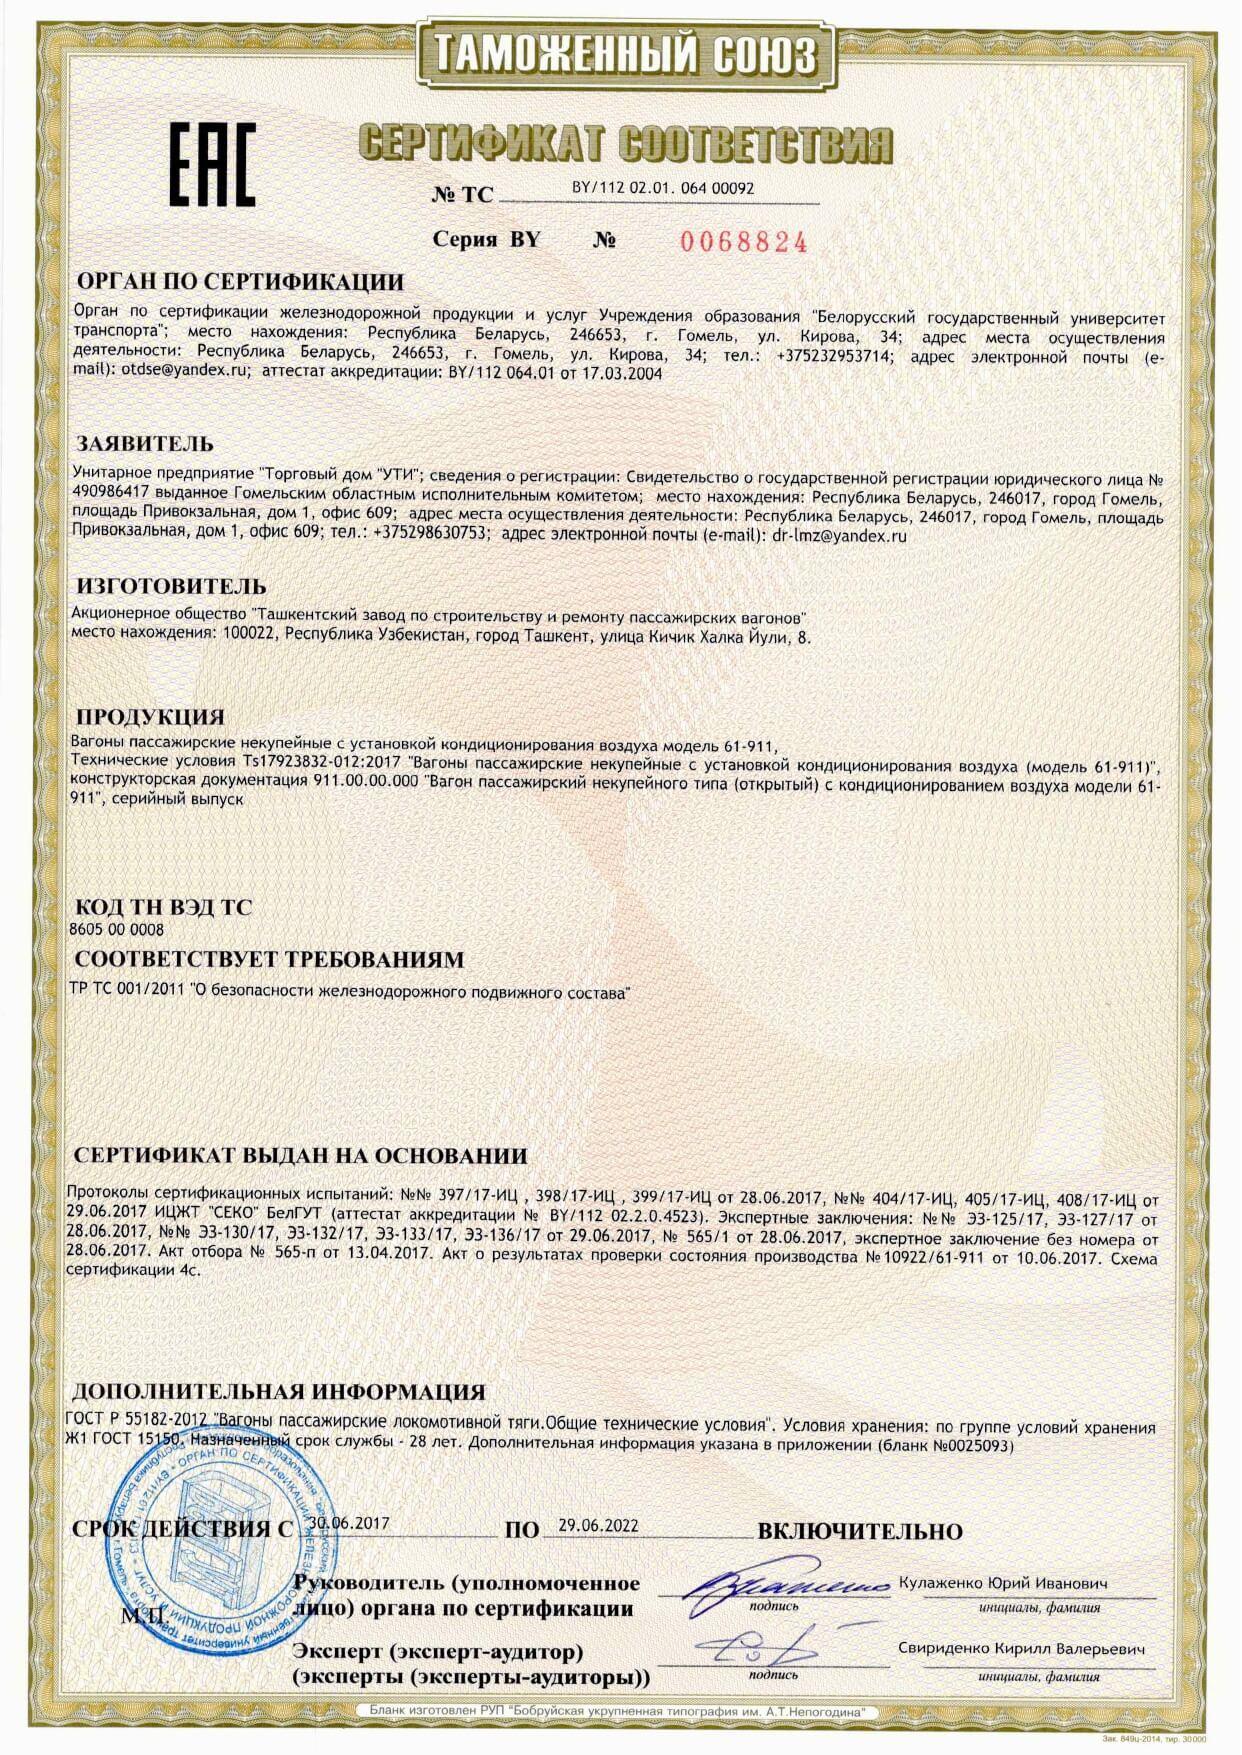 Сертификат на ЦМО (пассажирский не купейный вагон)_page-0001